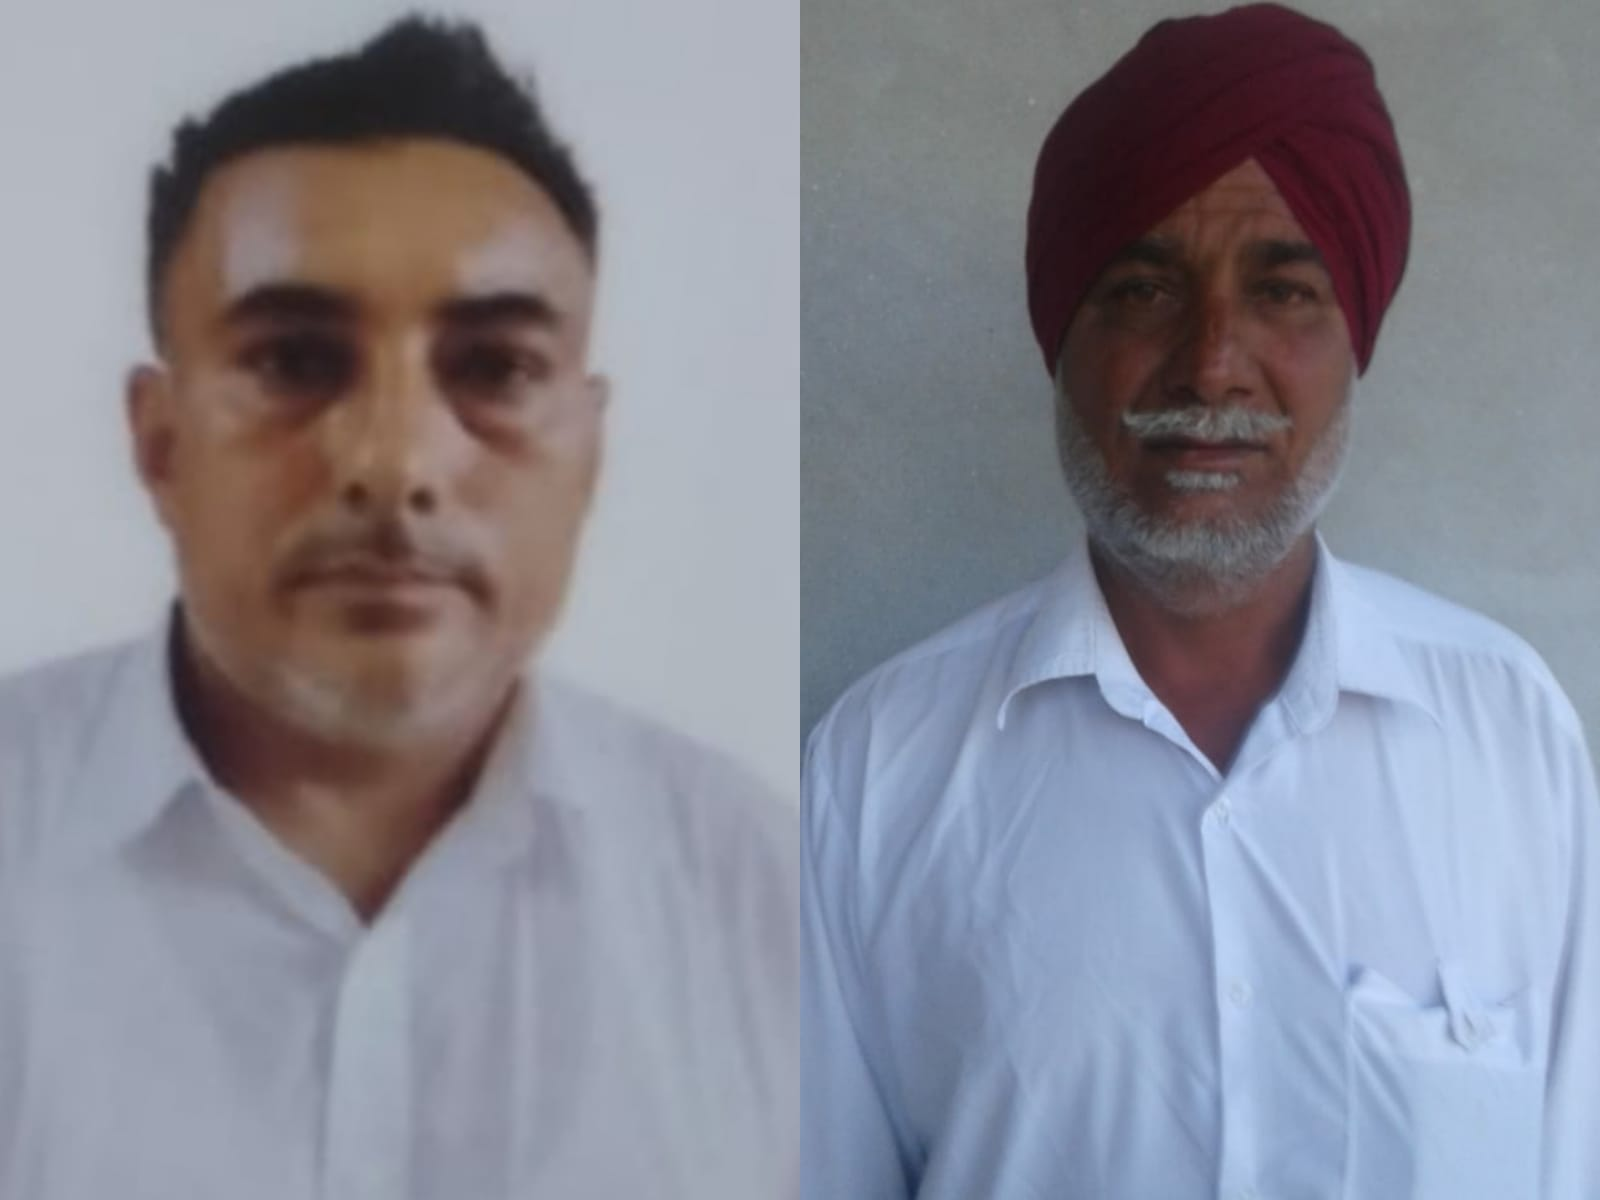 ठेके की जमीन को लेकर रिश्तेदार के विवाद को सुलझाने गए थे, दूसरे पक्ष के व्यक्ति ने हत्या कर शव खेत में फेंके|बठिंडा,Bathinda - Dainik Bhaskar